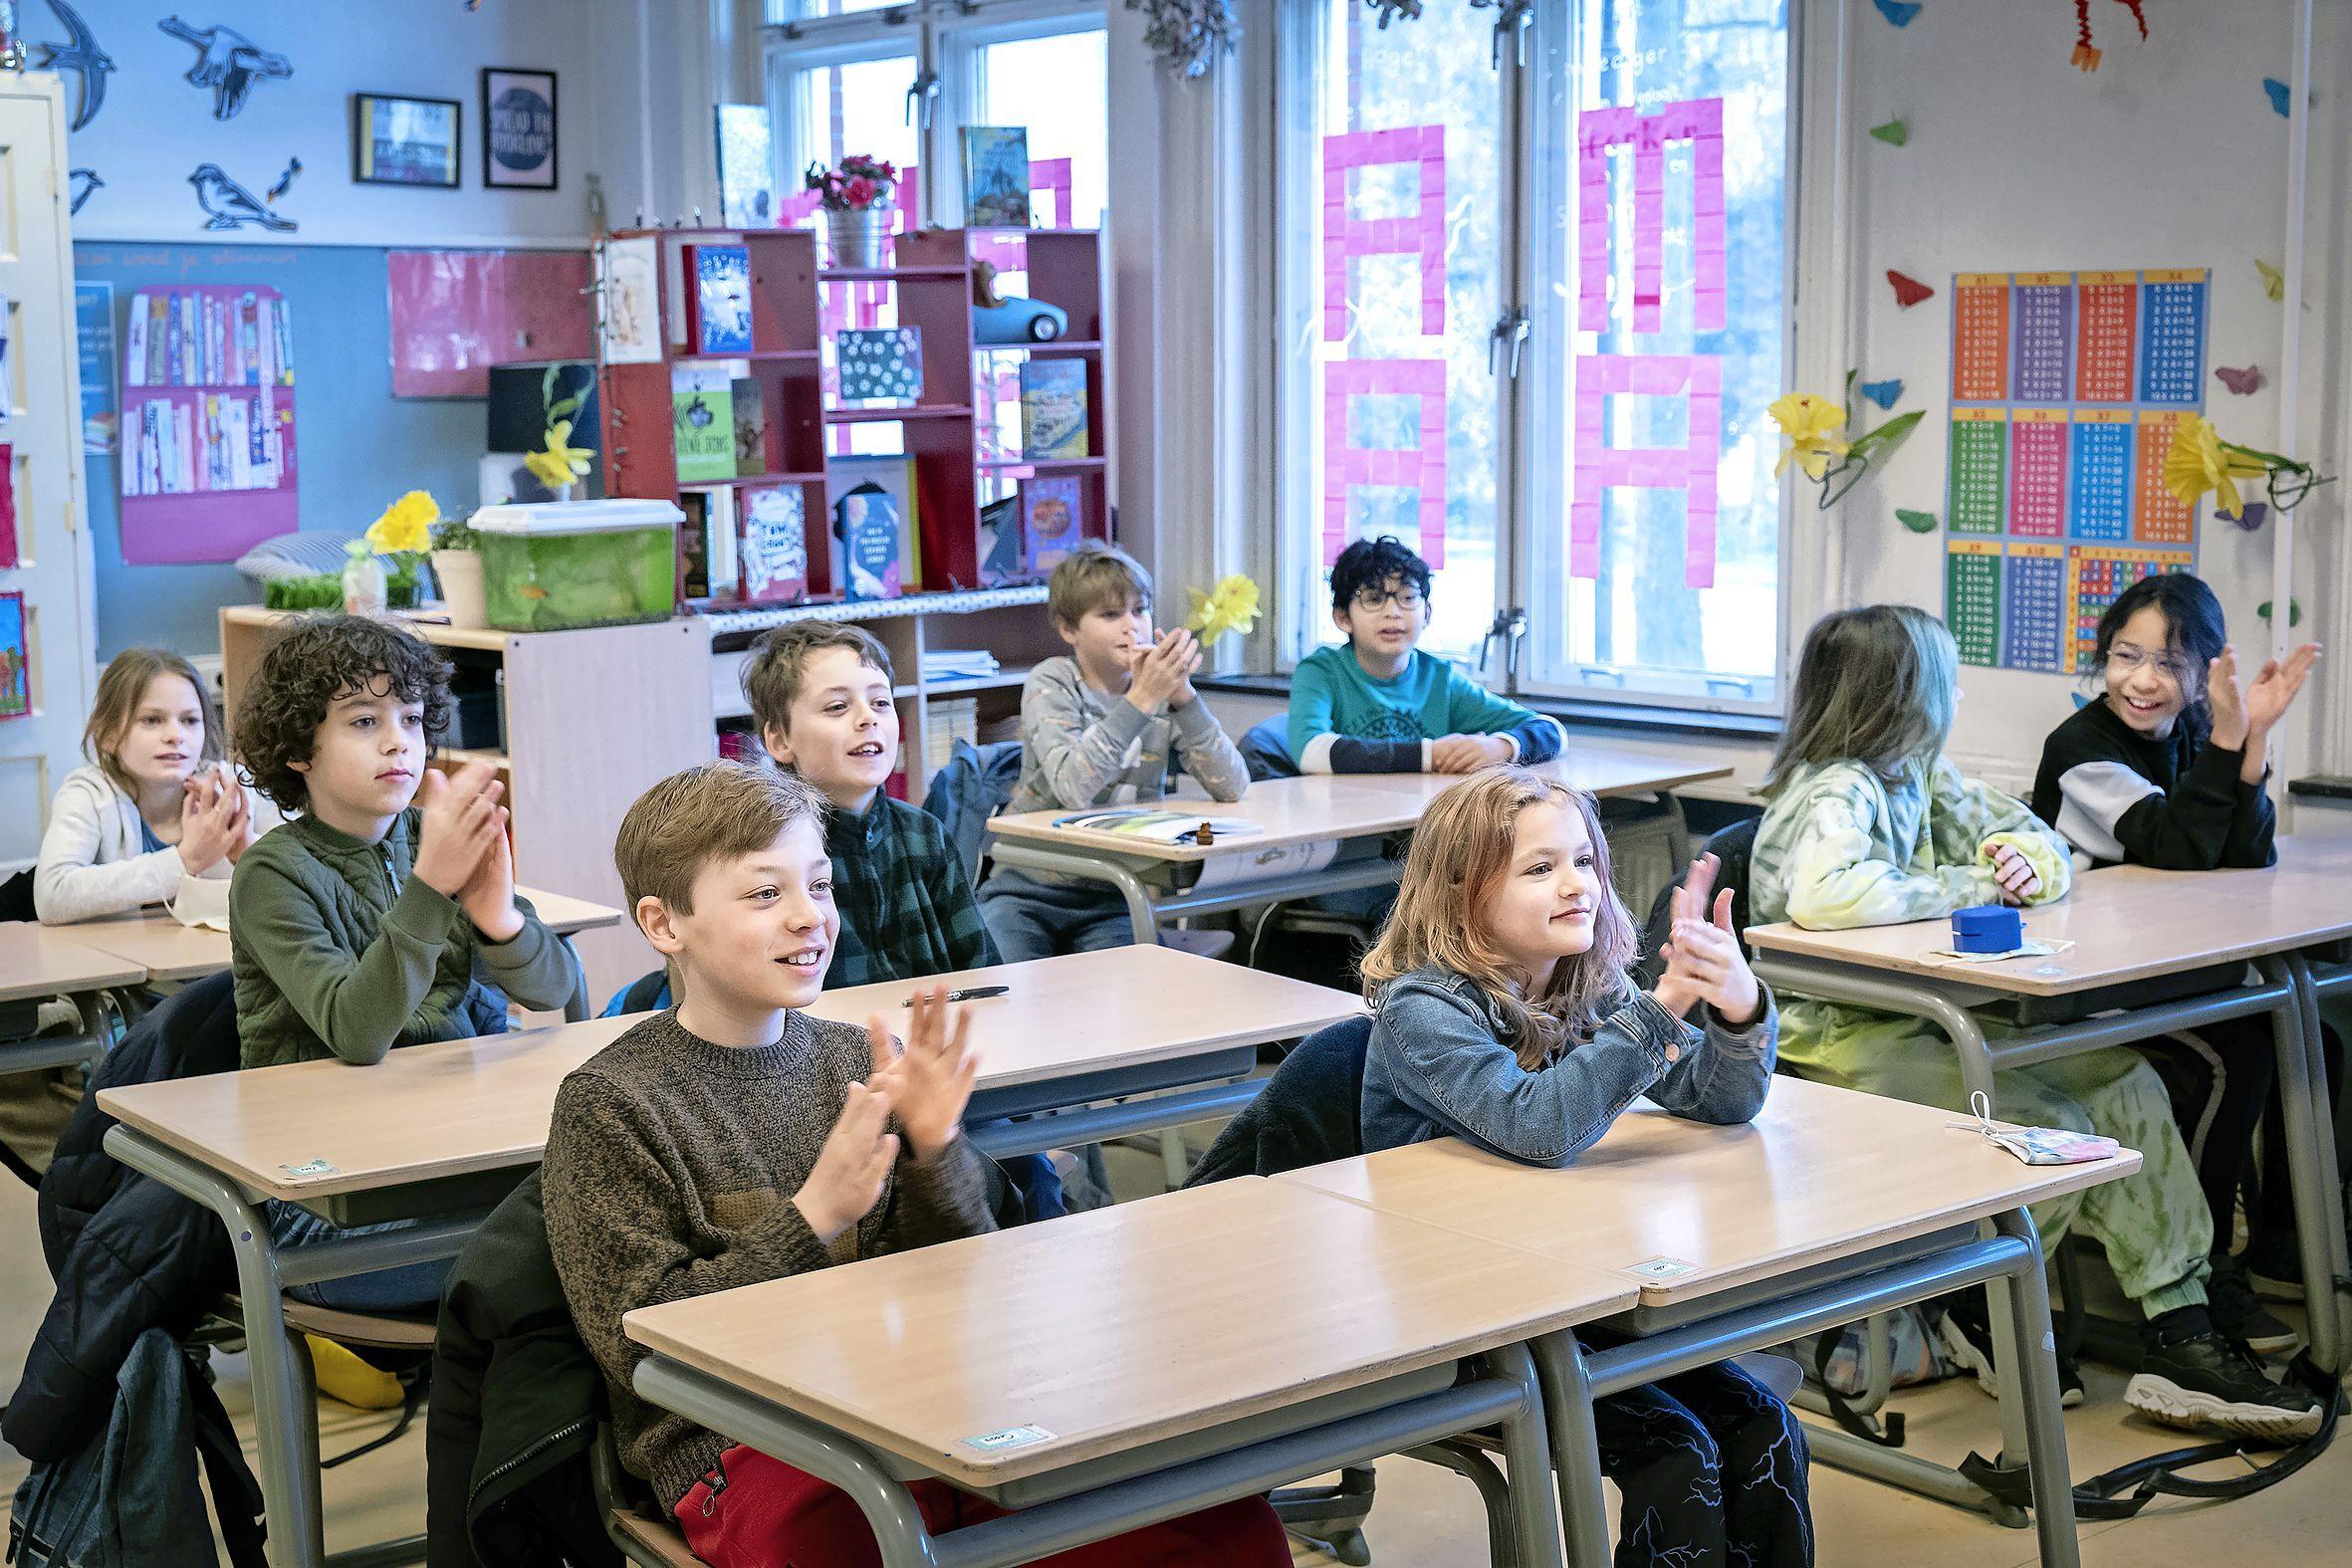 'Ben ik in beeld?' Kinderen Koorschool kijken naar eigen videoclip in het kader van 75 jaar Verenigde Naties [video]